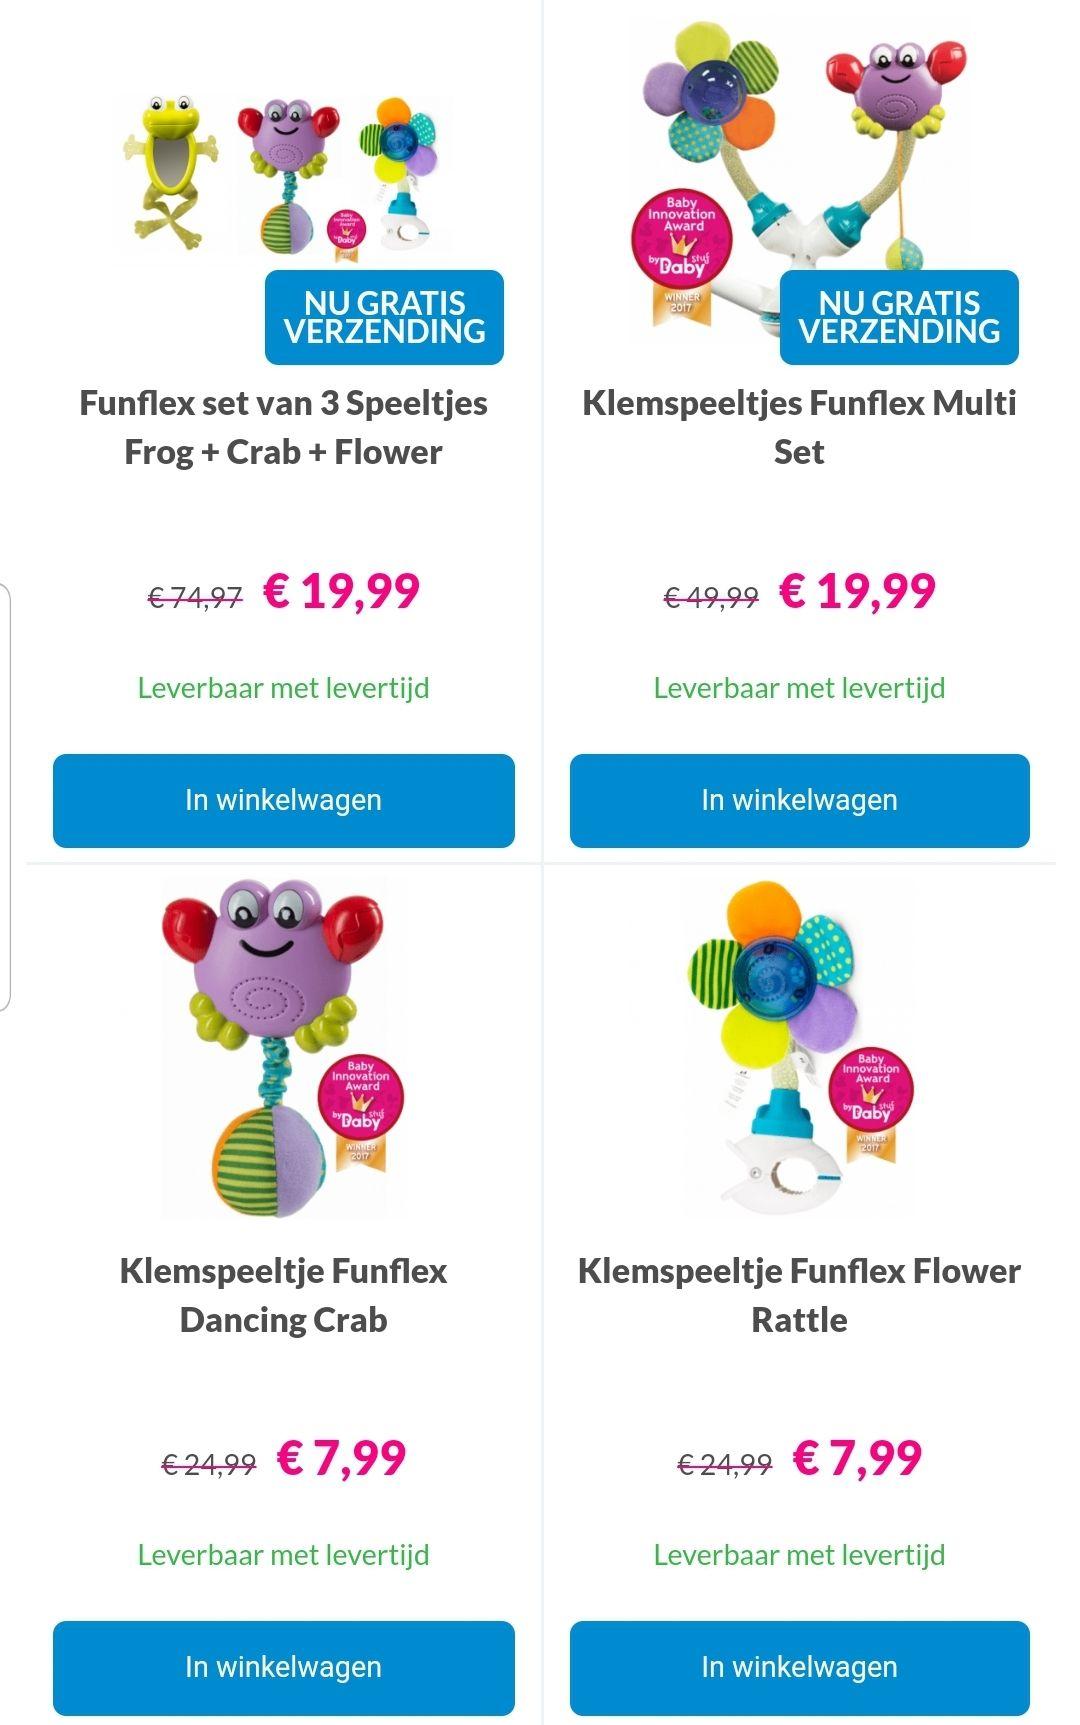 Funflex speeltjes met hoge korting bij Van Asten Baby Superstore (gratis verzending mogelijk)